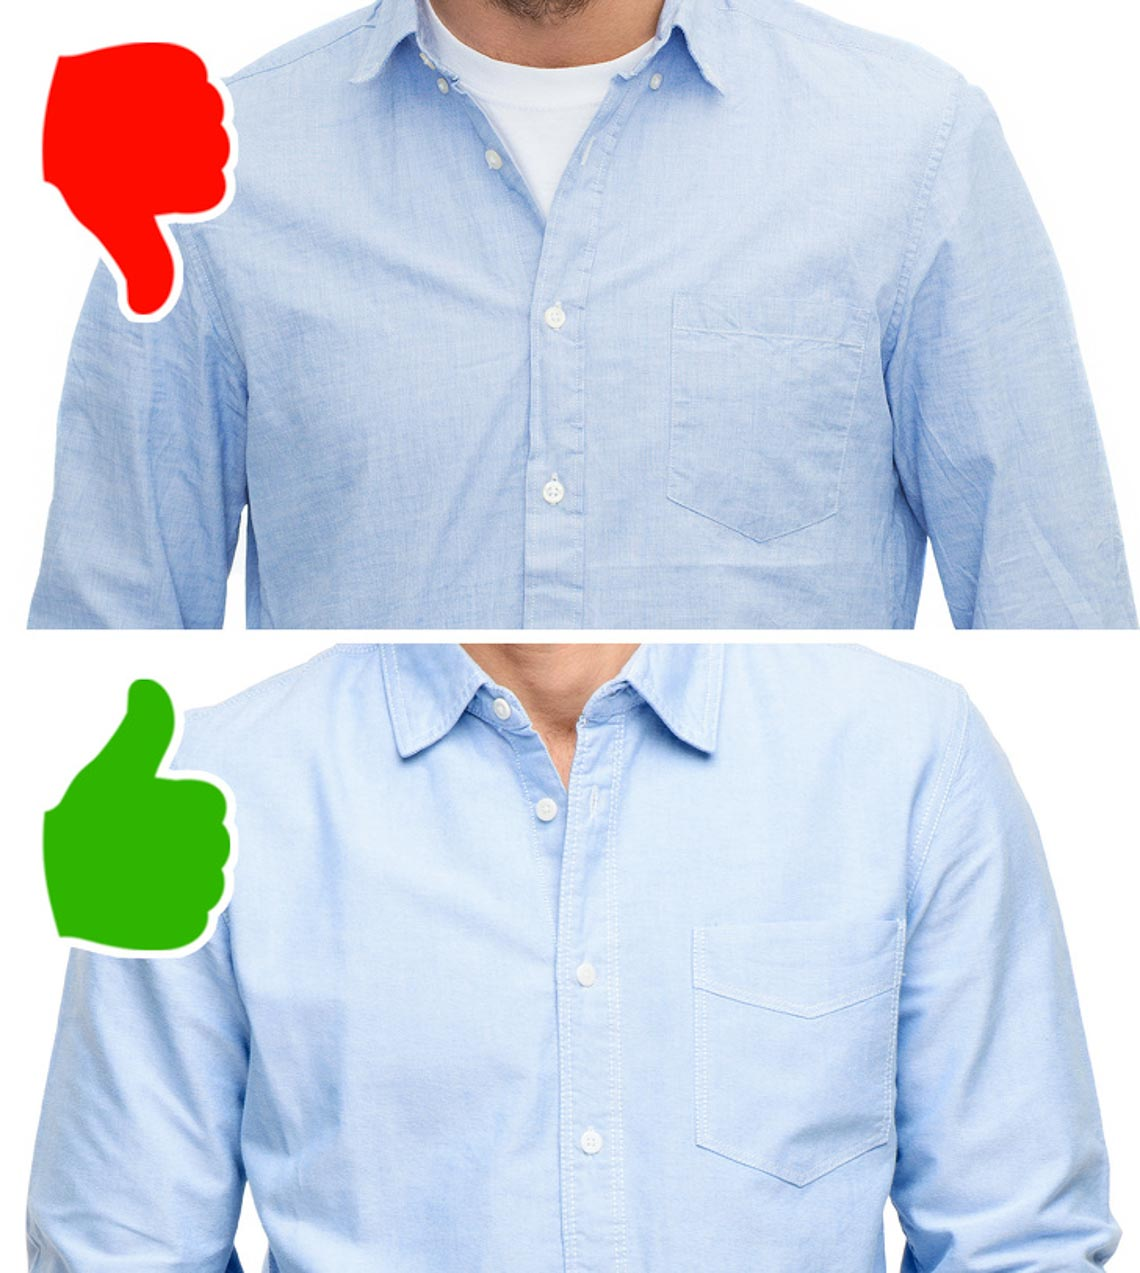 10 sai lầm khi ăn mặc của giới đàn ông - 8